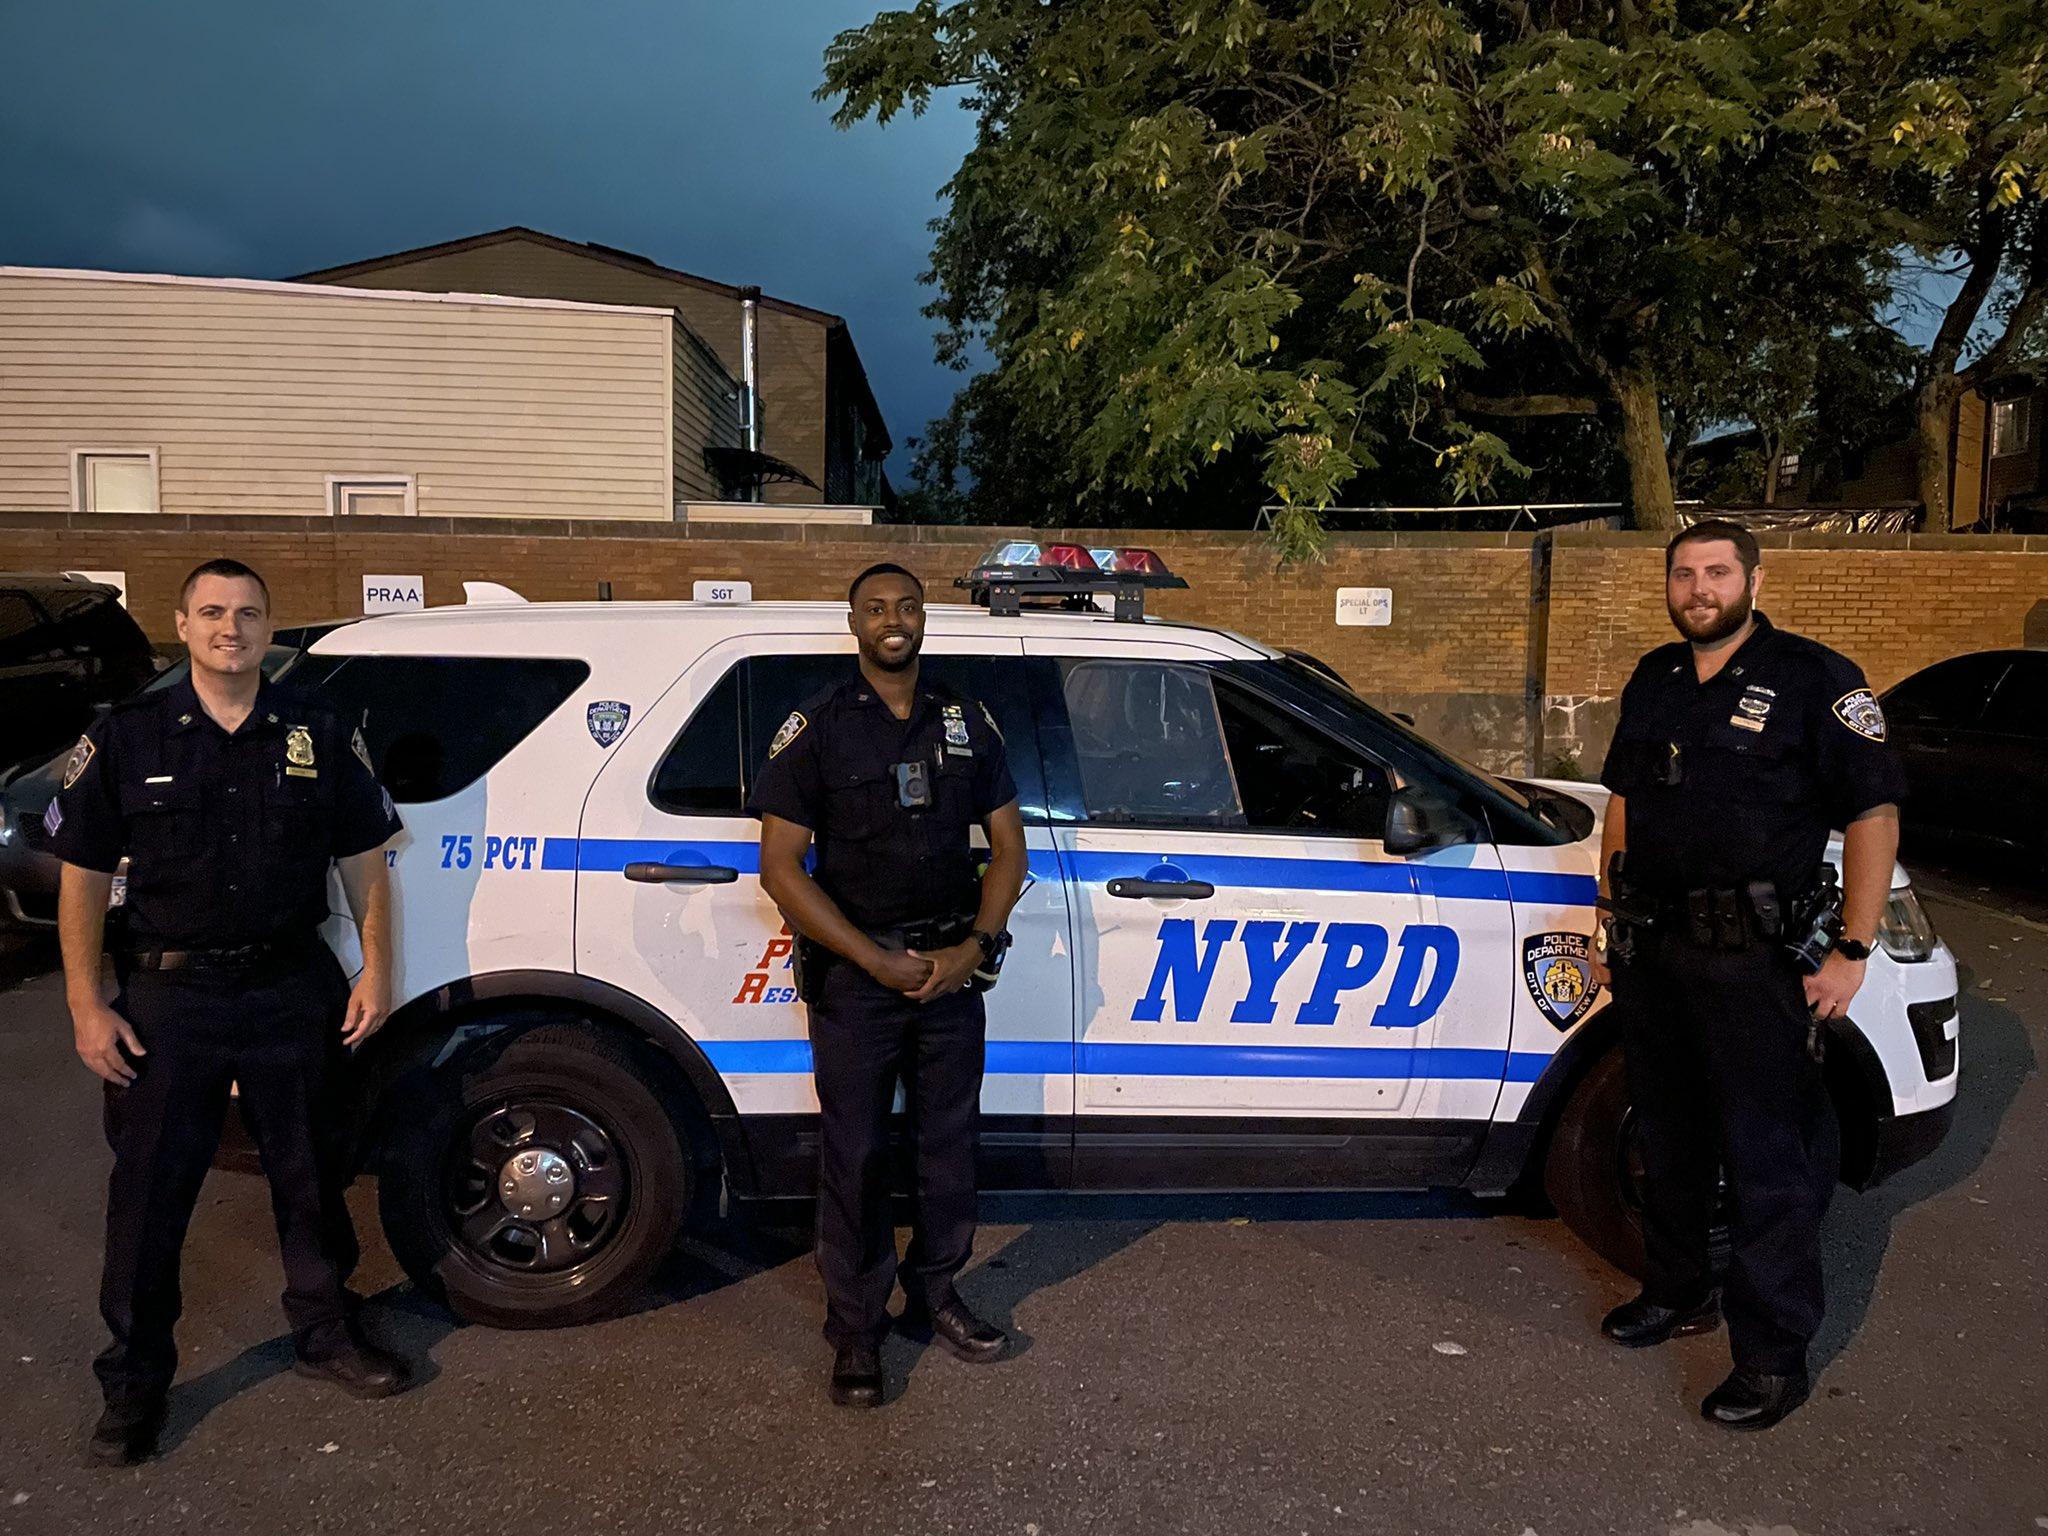 شرطة نيويورك تنقذ رضيع كان على وشك الموت - فيديو